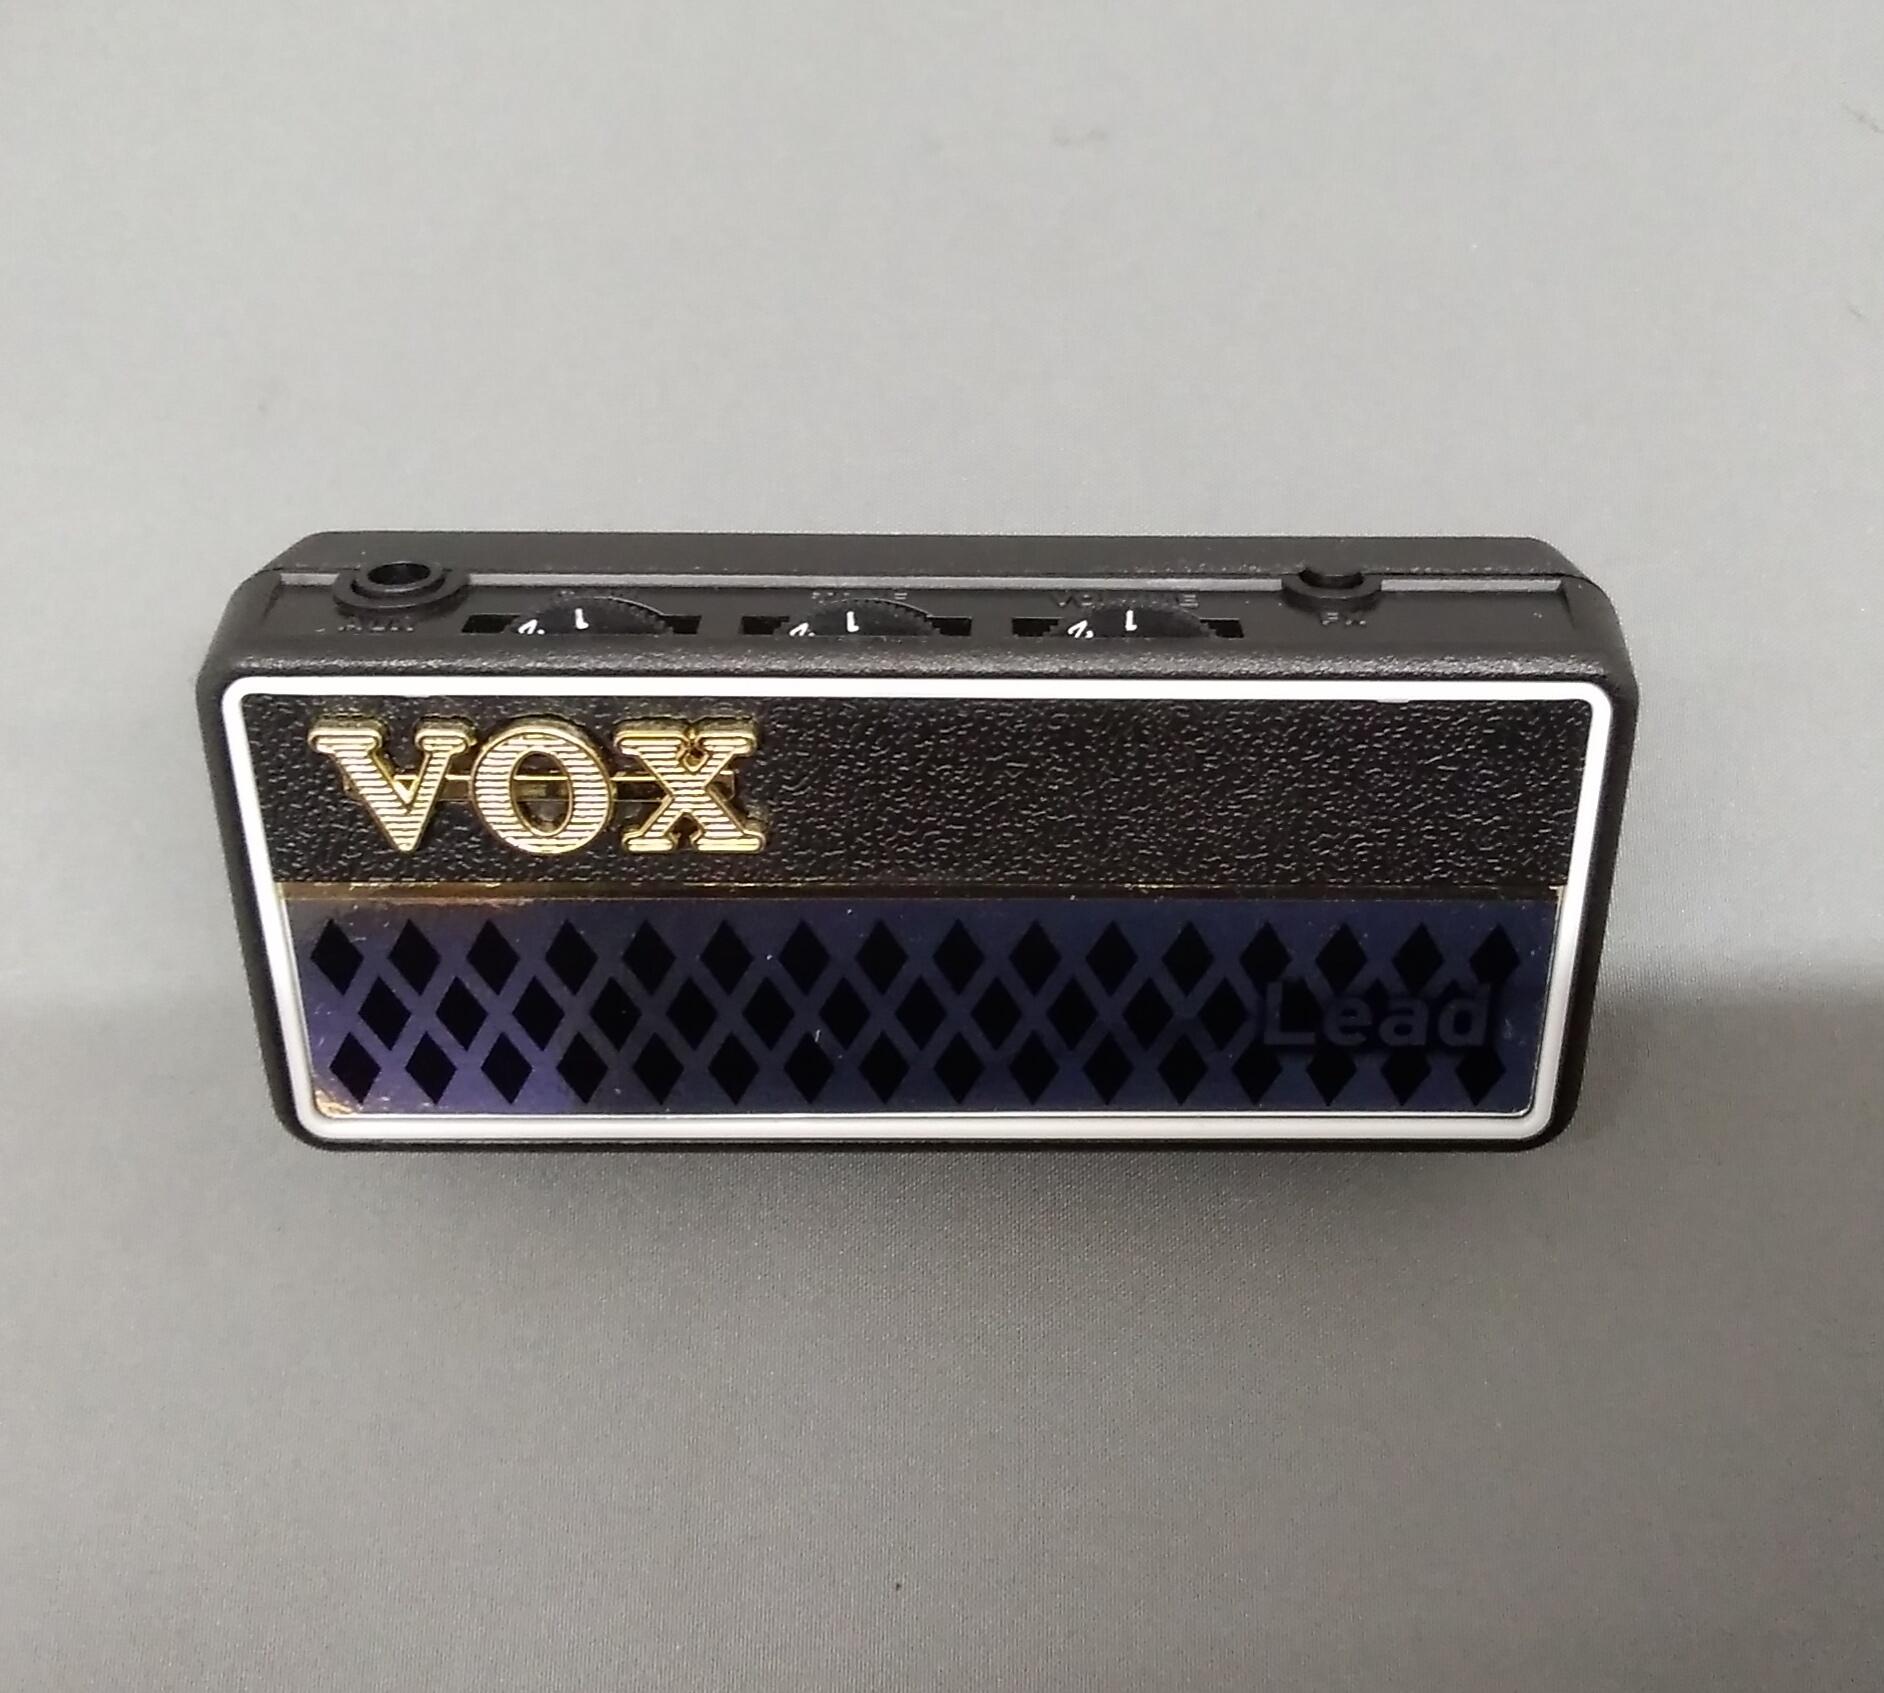 ヘッドホンギターアンプ|VOX